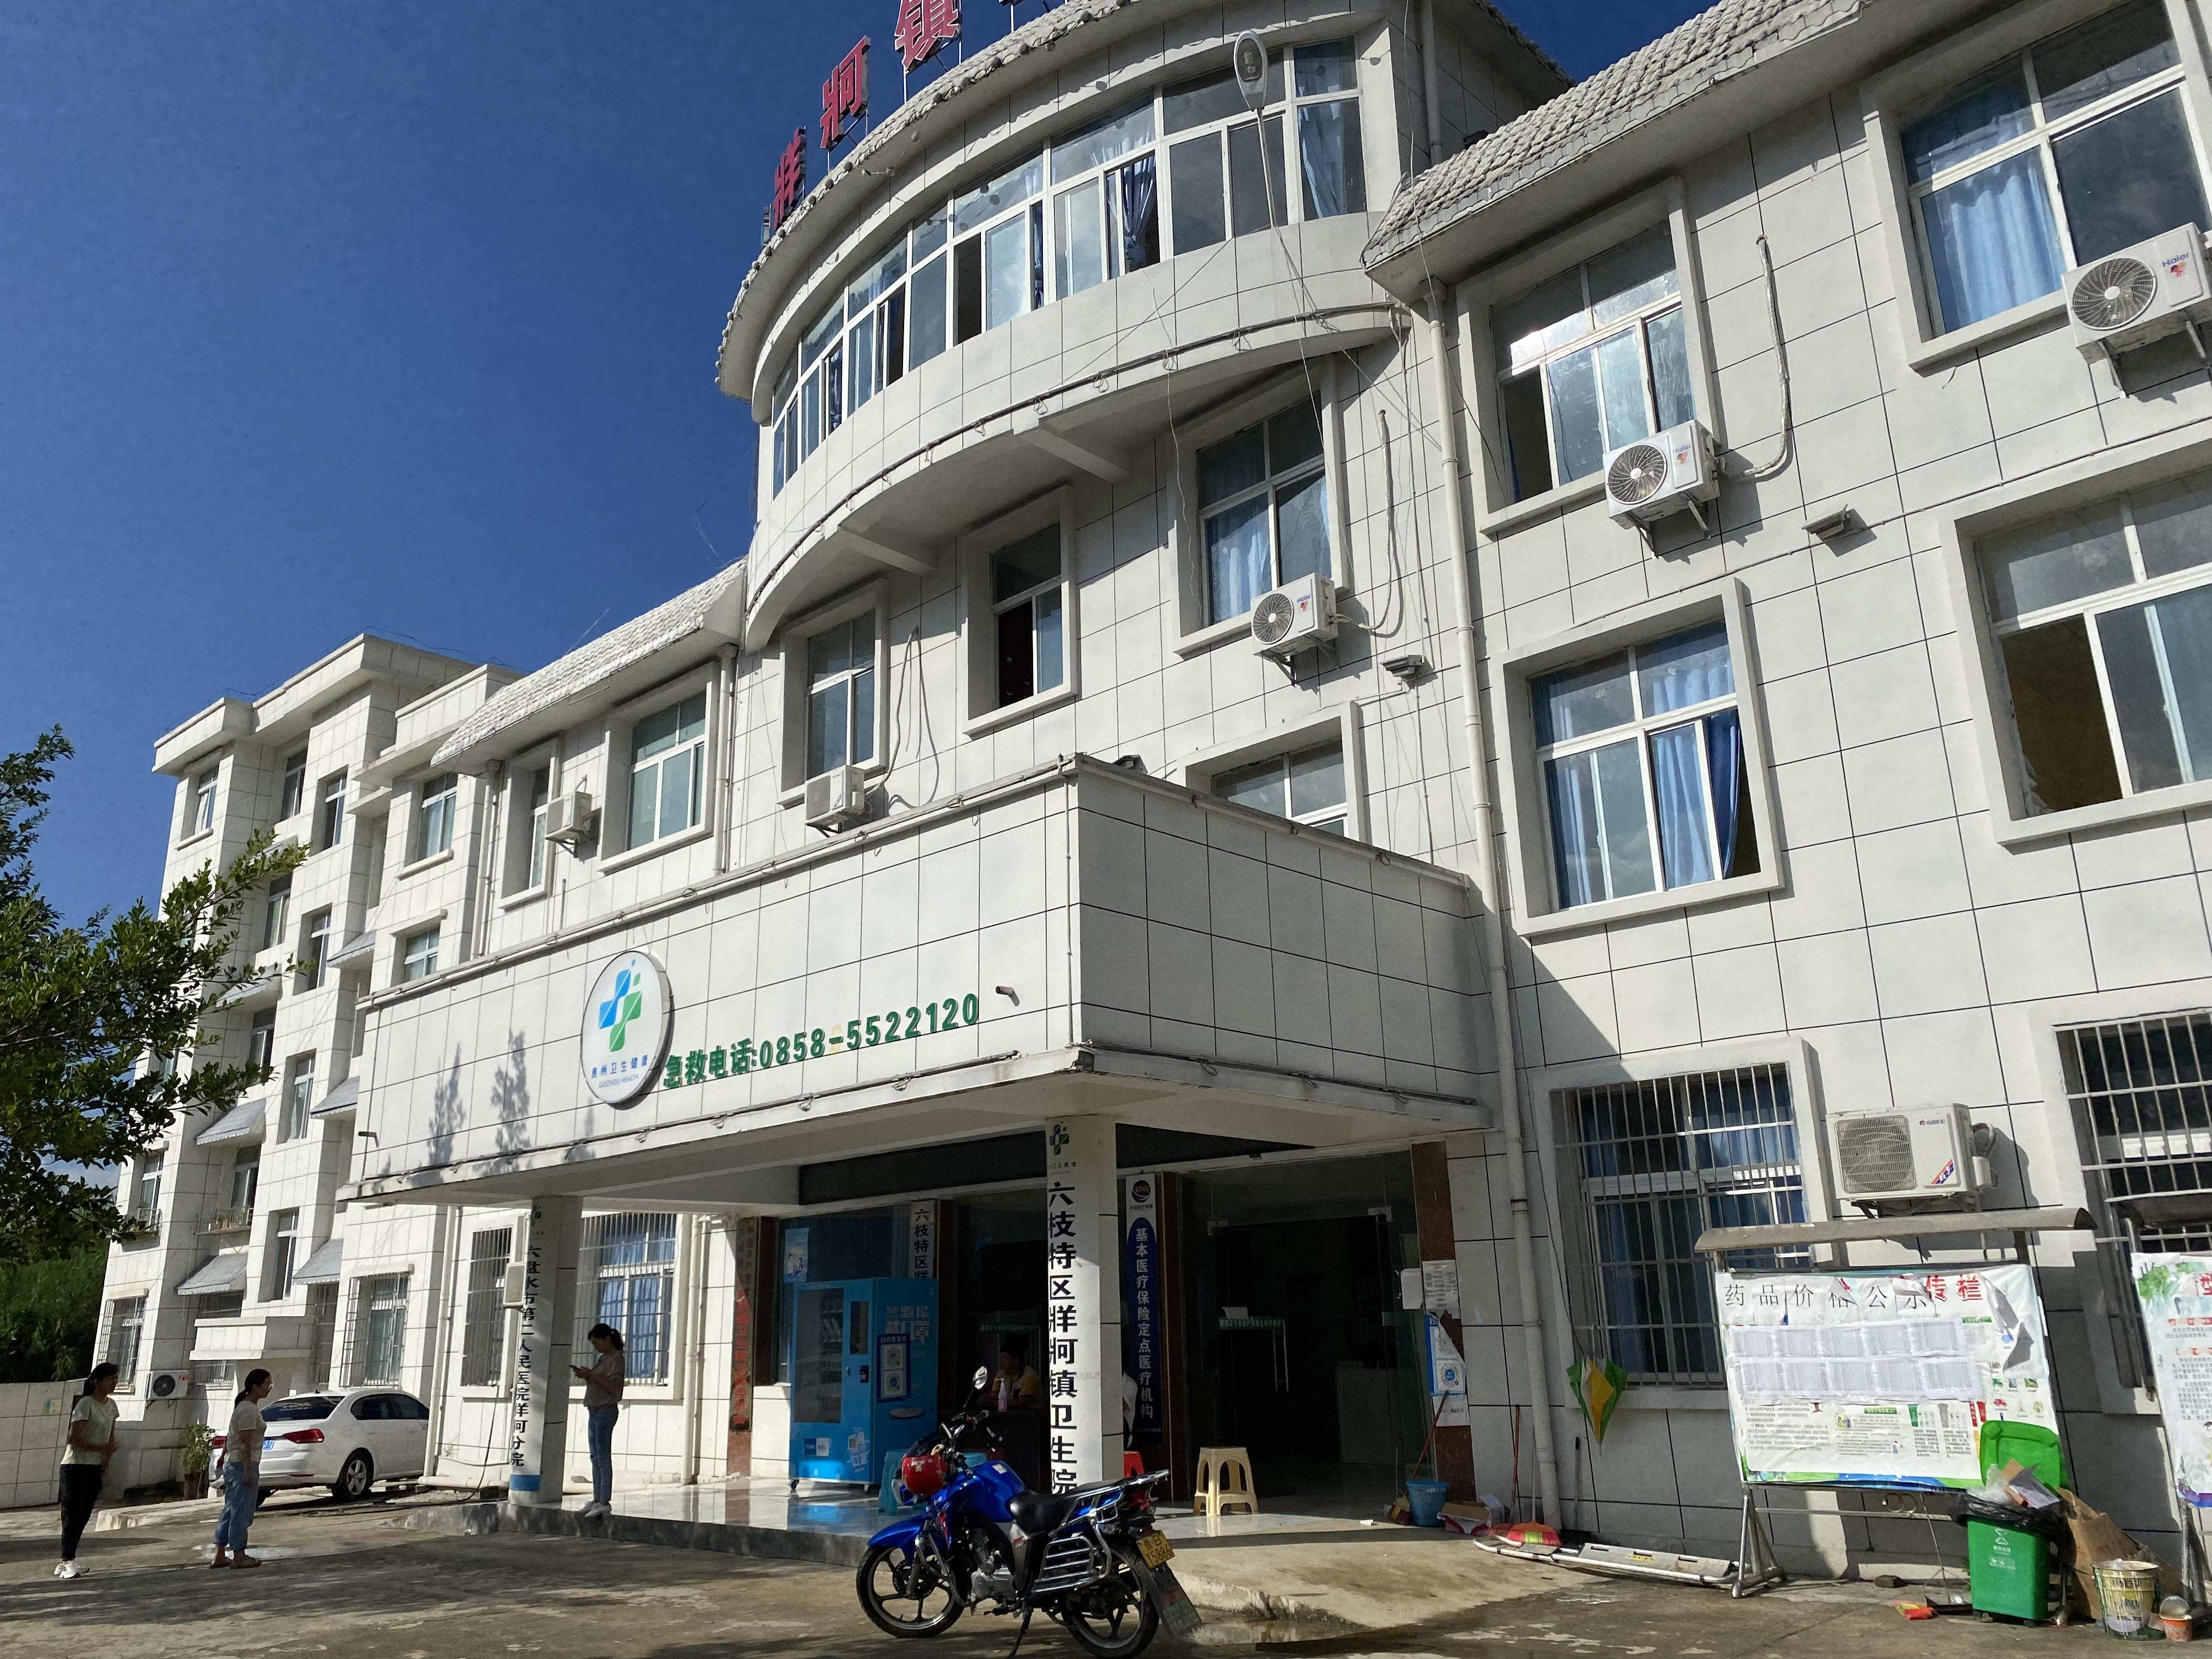 出事的救援人员9月19日晚在牂牁镇卫生院接受抢救。记者 谢寅宗 图